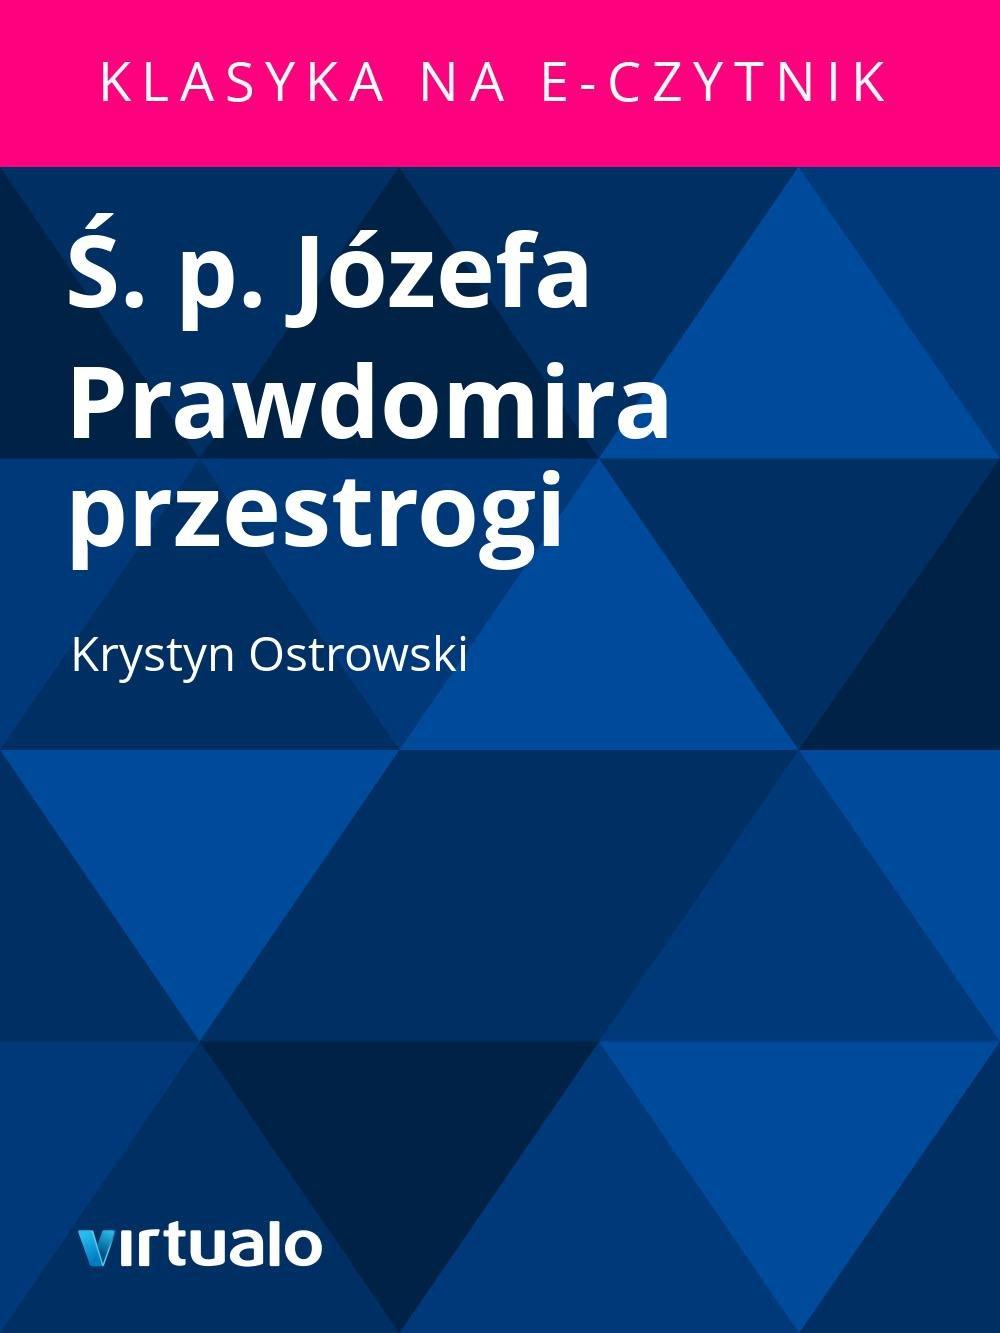 Ś. p. Józefa Prawdomira przestrogi - Ebook (Książka EPUB) do pobrania w formacie EPUB